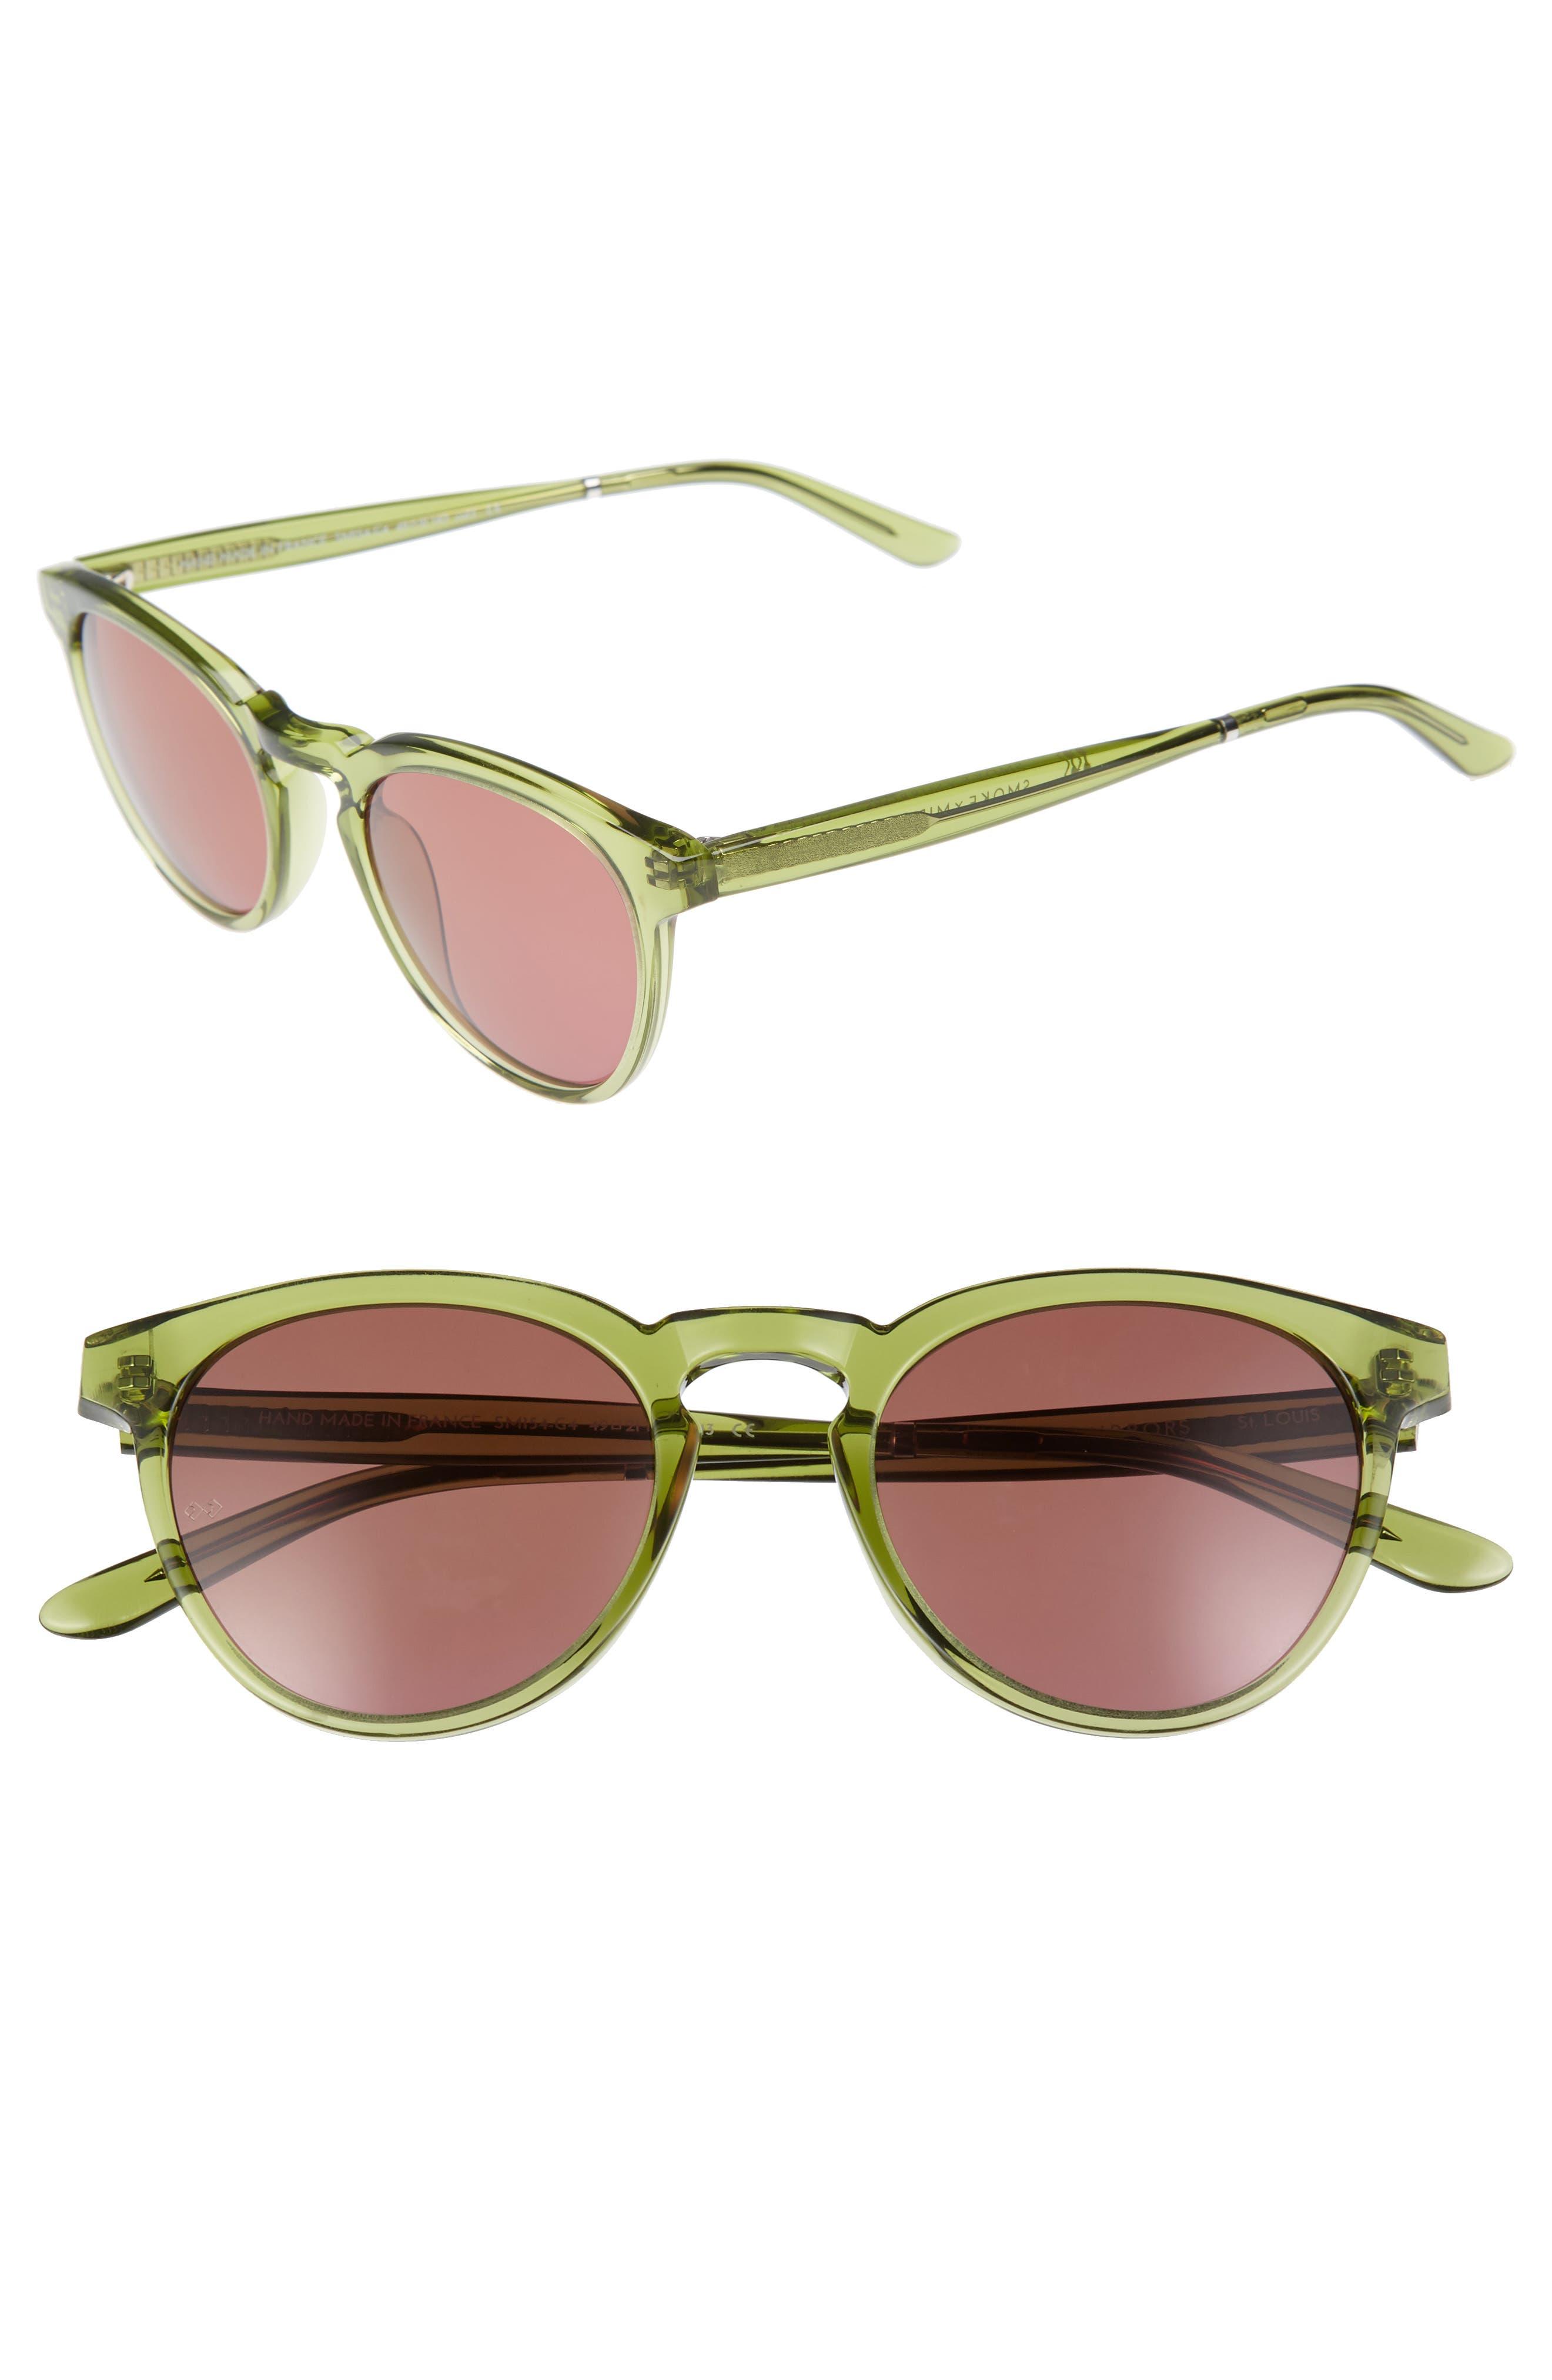 St. Louis 49mm Retro Sunglasses,                         Main,                         color, 300